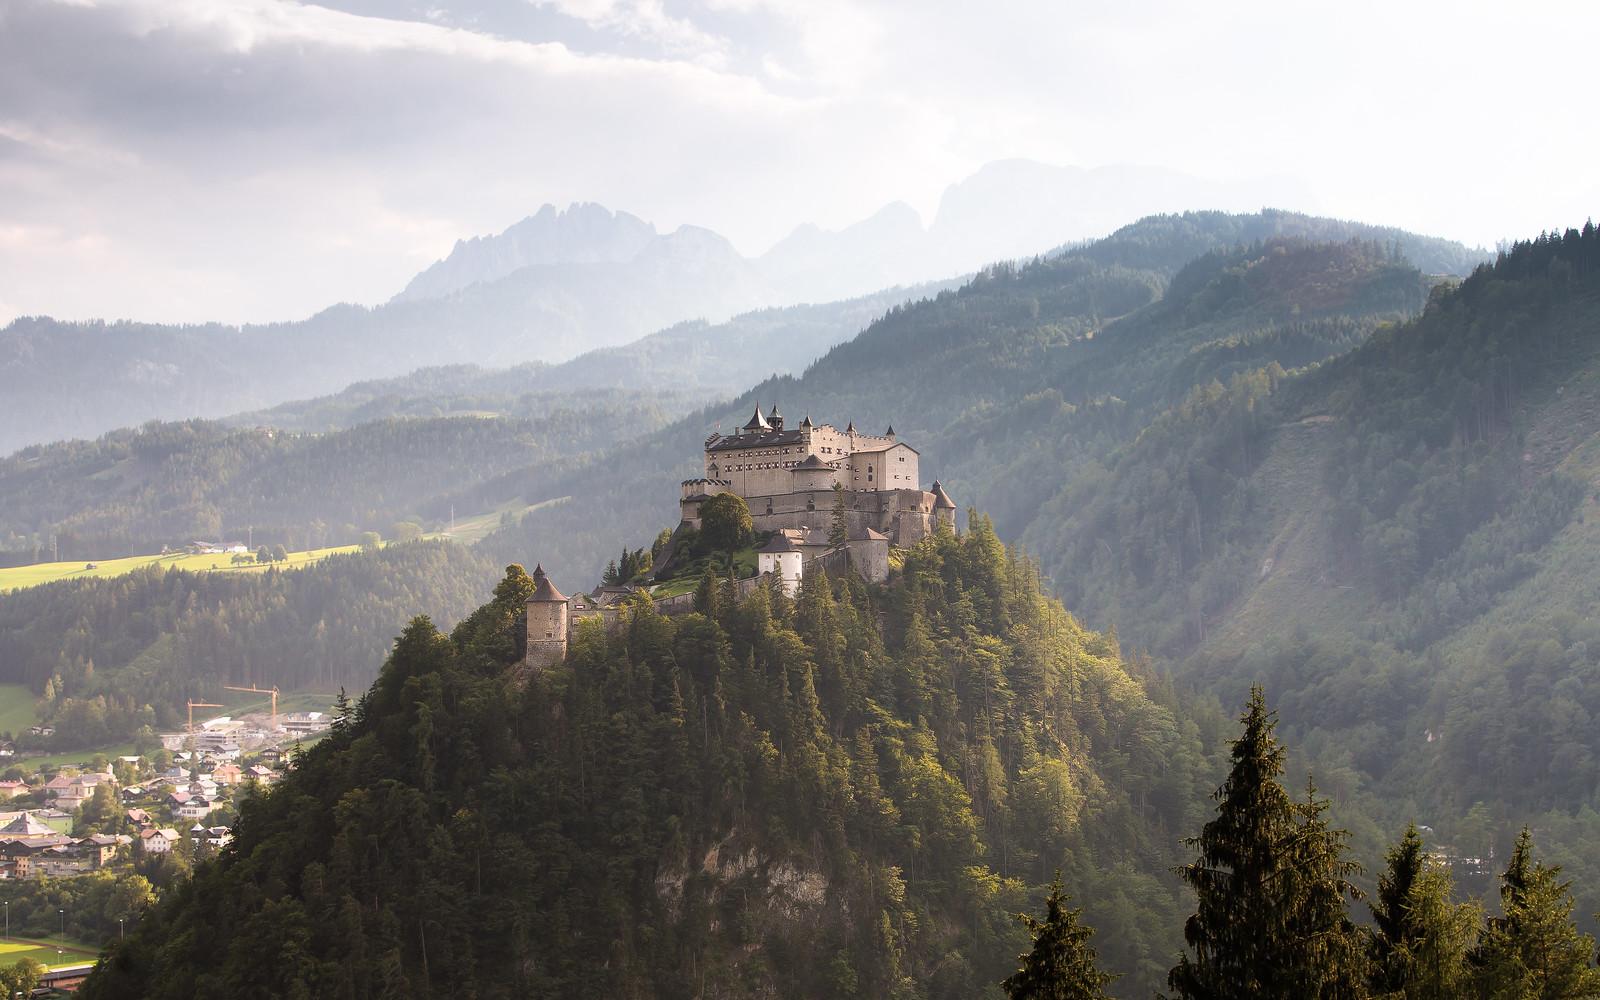 【奧地利】阿爾卑斯迷迷路!遇見美麗的奧地利風情小鎮:滕嫩山麓聖馬丁 6